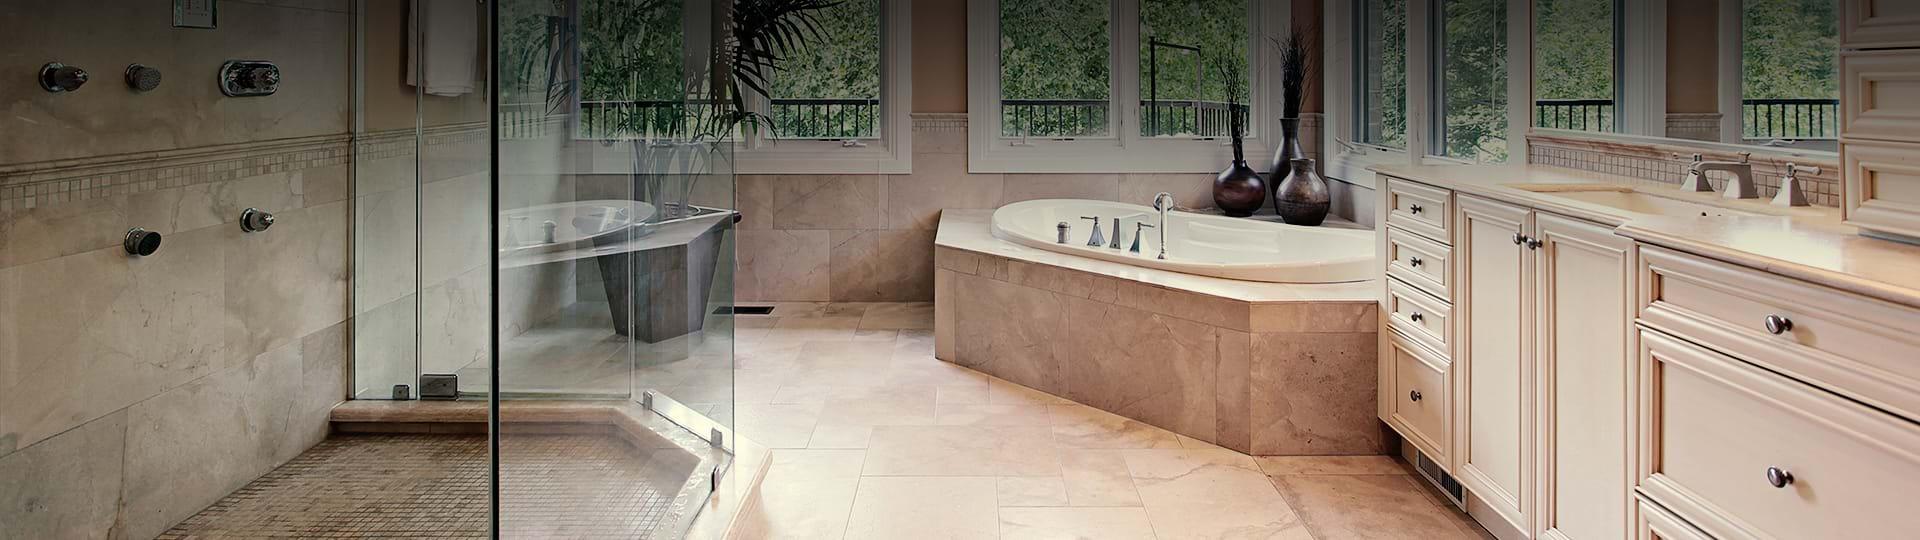 Dealer Locator Kbrs Shower Systems